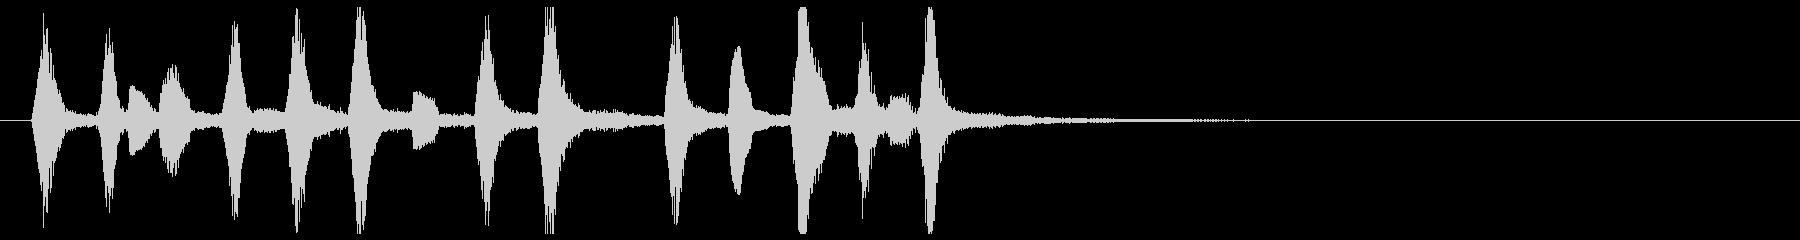 ほのぼの可愛い駆け足木管リコーダー重奏の未再生の波形